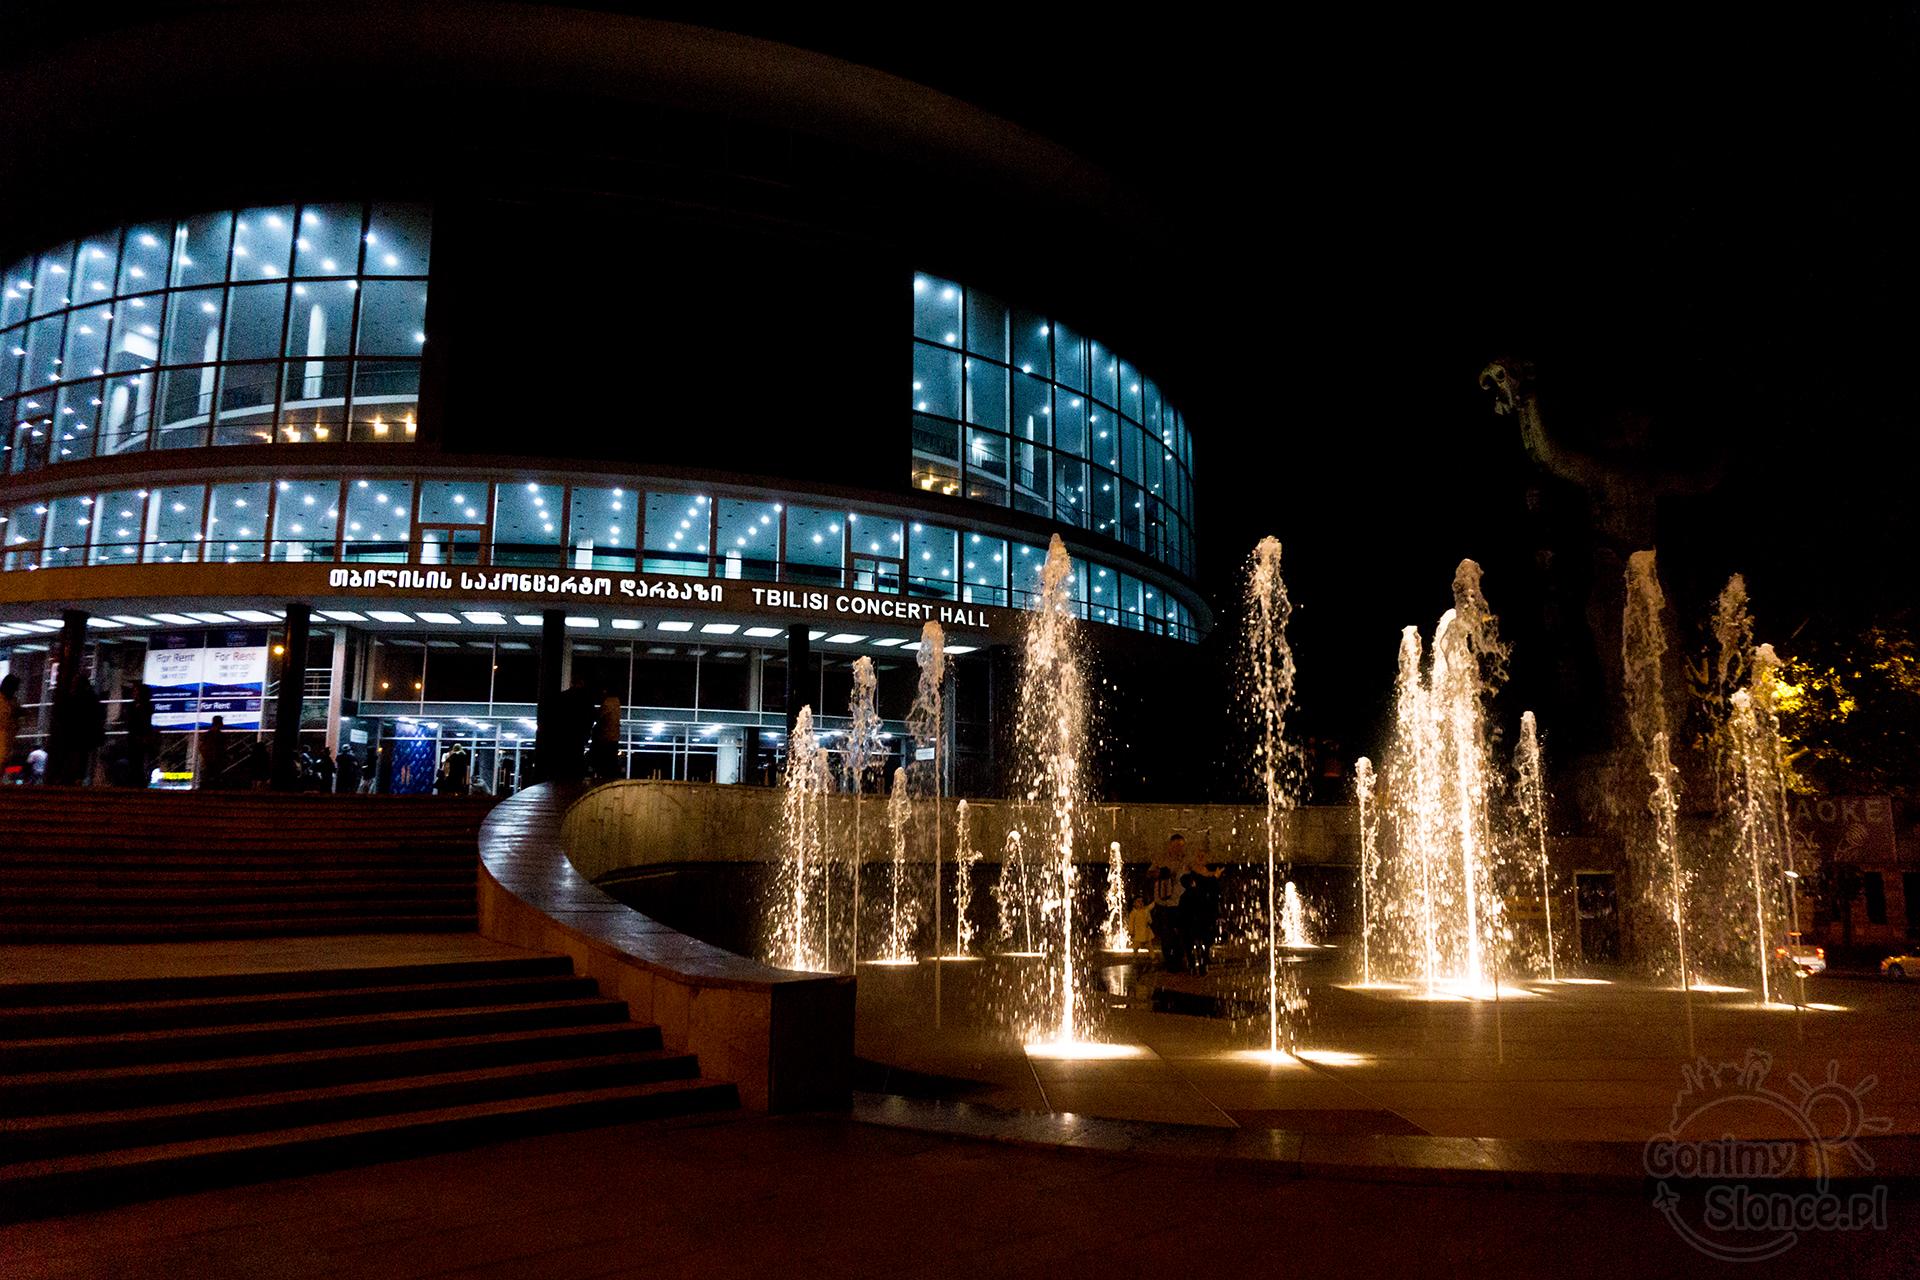 Nocne Tbilisi - Sala Koncertowa przy Alei Rustawelego